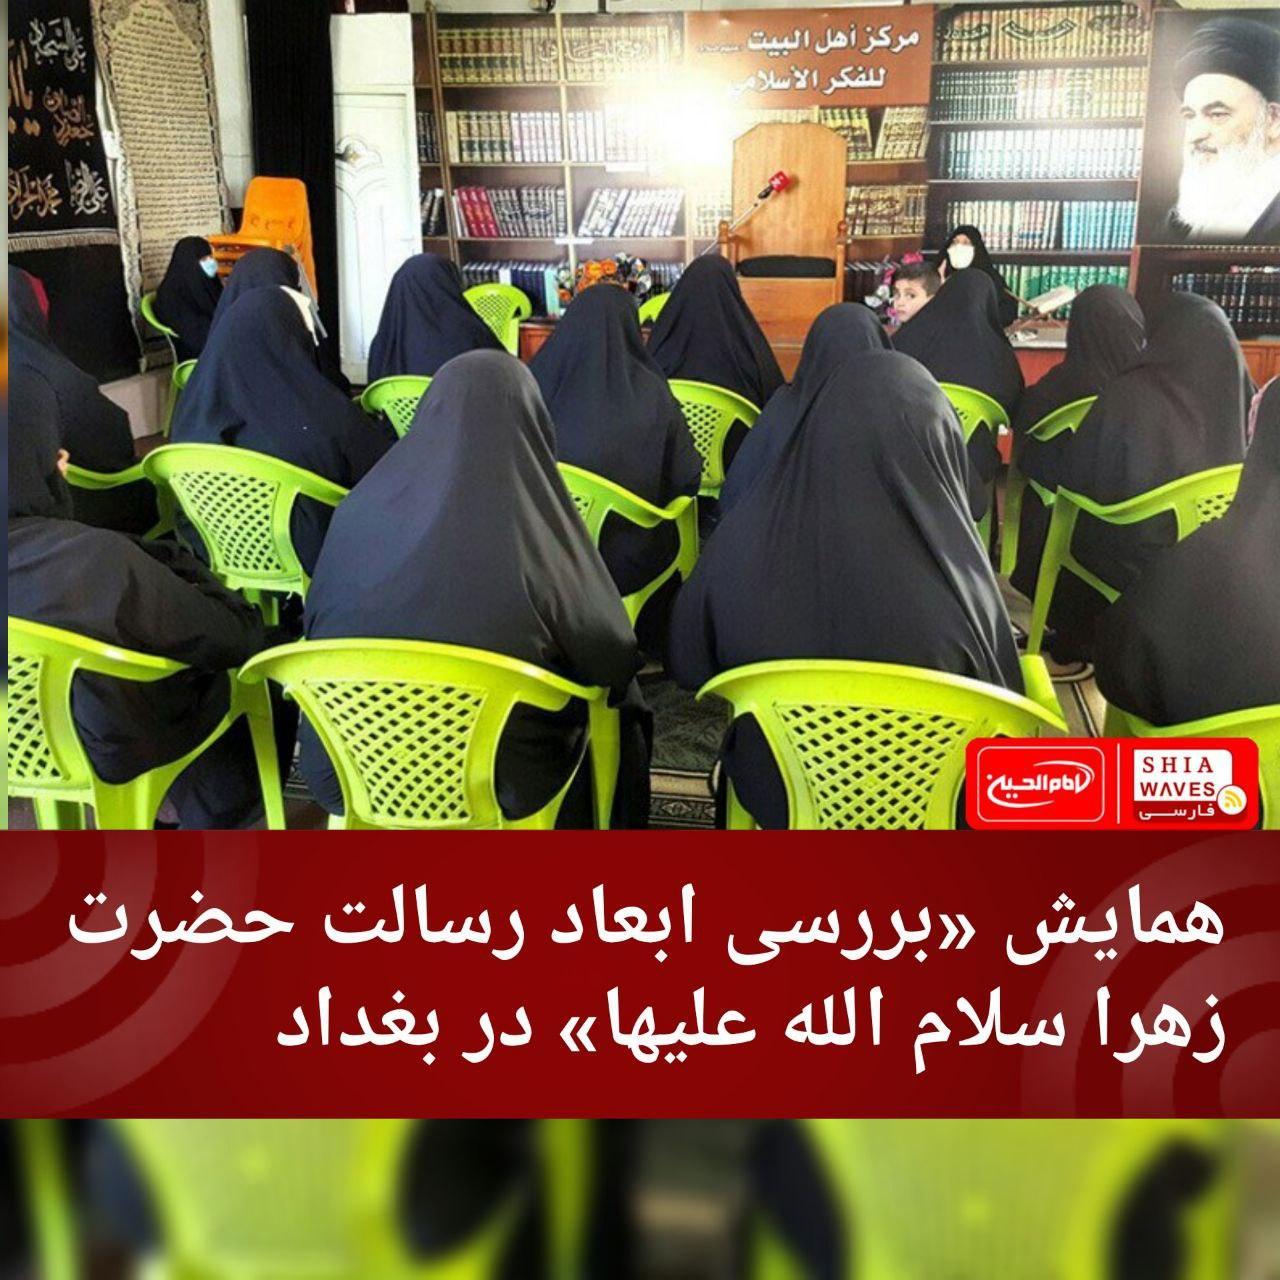 تصویر همایش «بررسی ابعاد رسالت حضرت زهرا سلام الله علیها» در بغداد